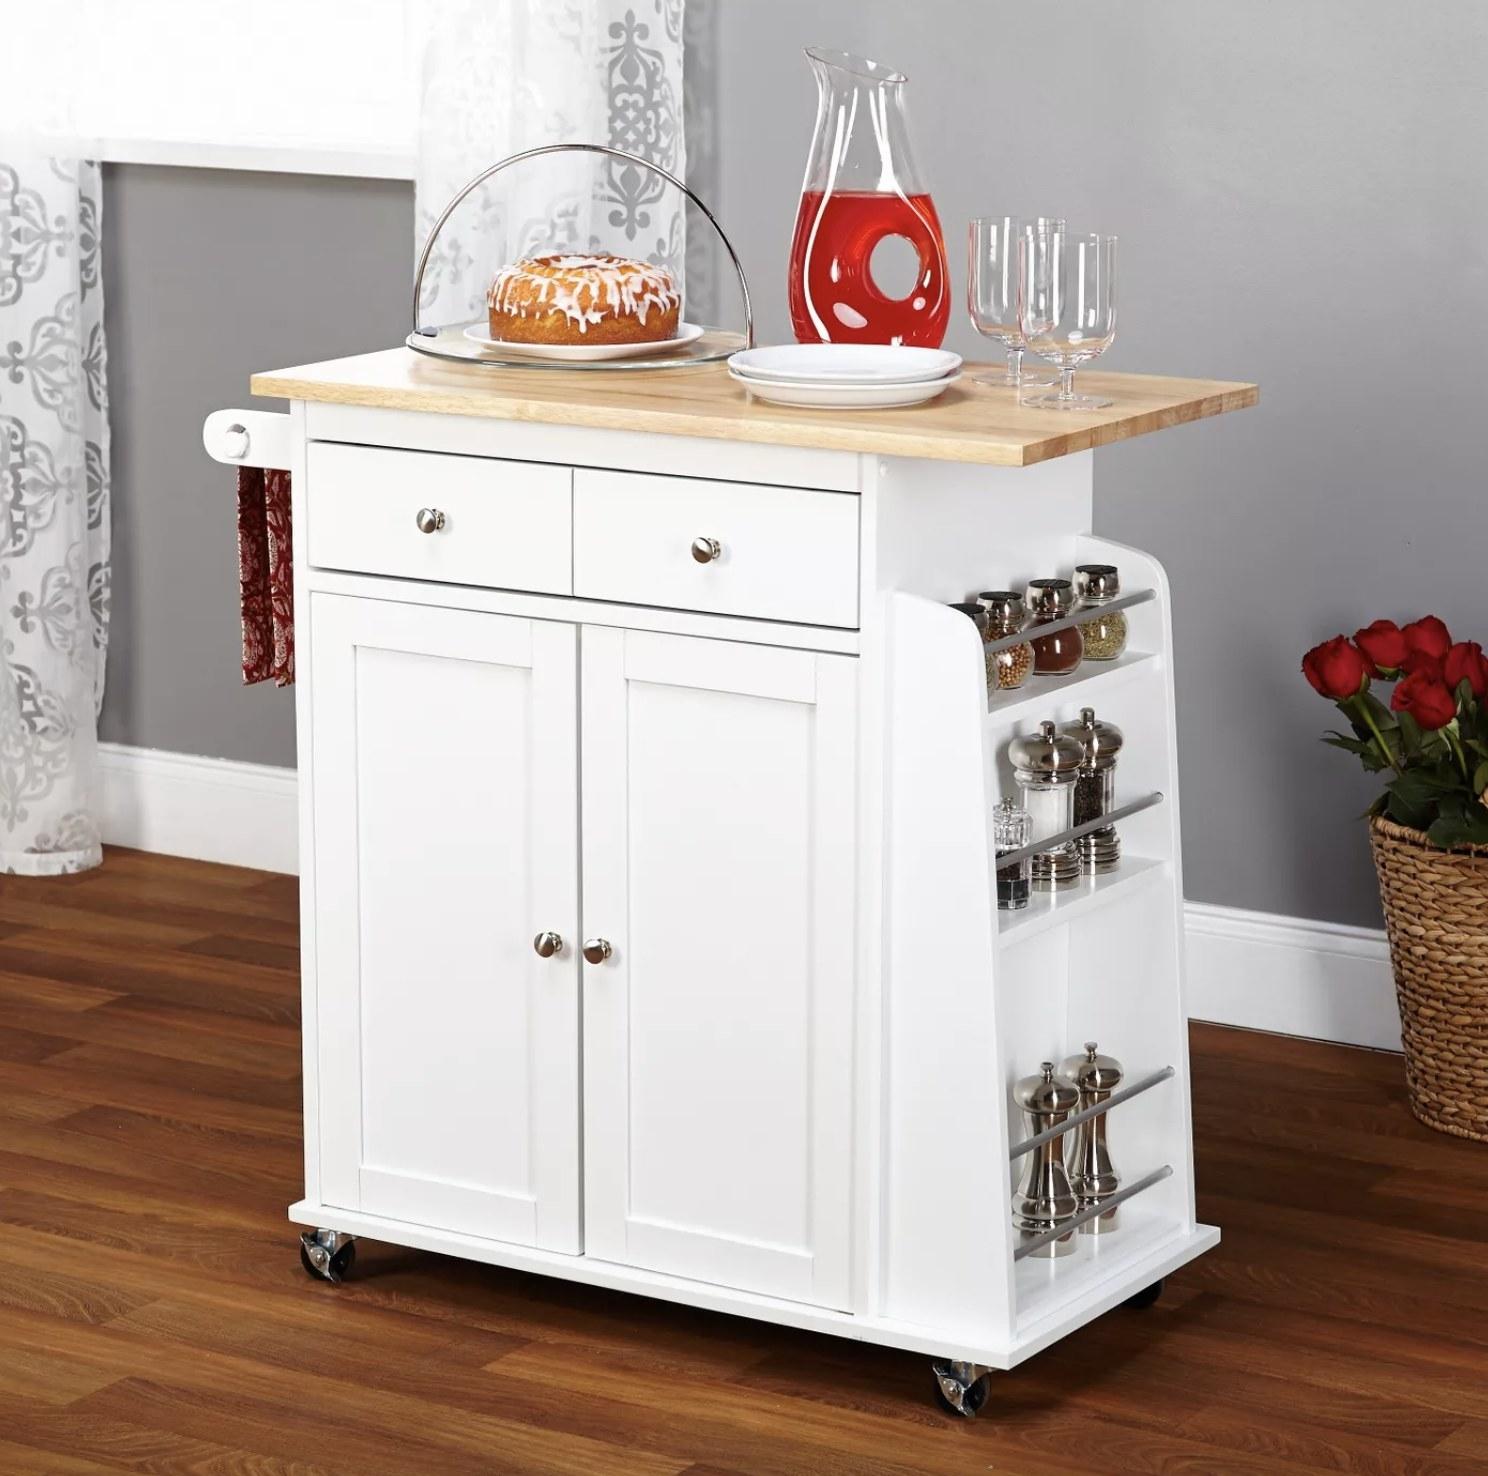 Kitchen cart displayed in kitchen.